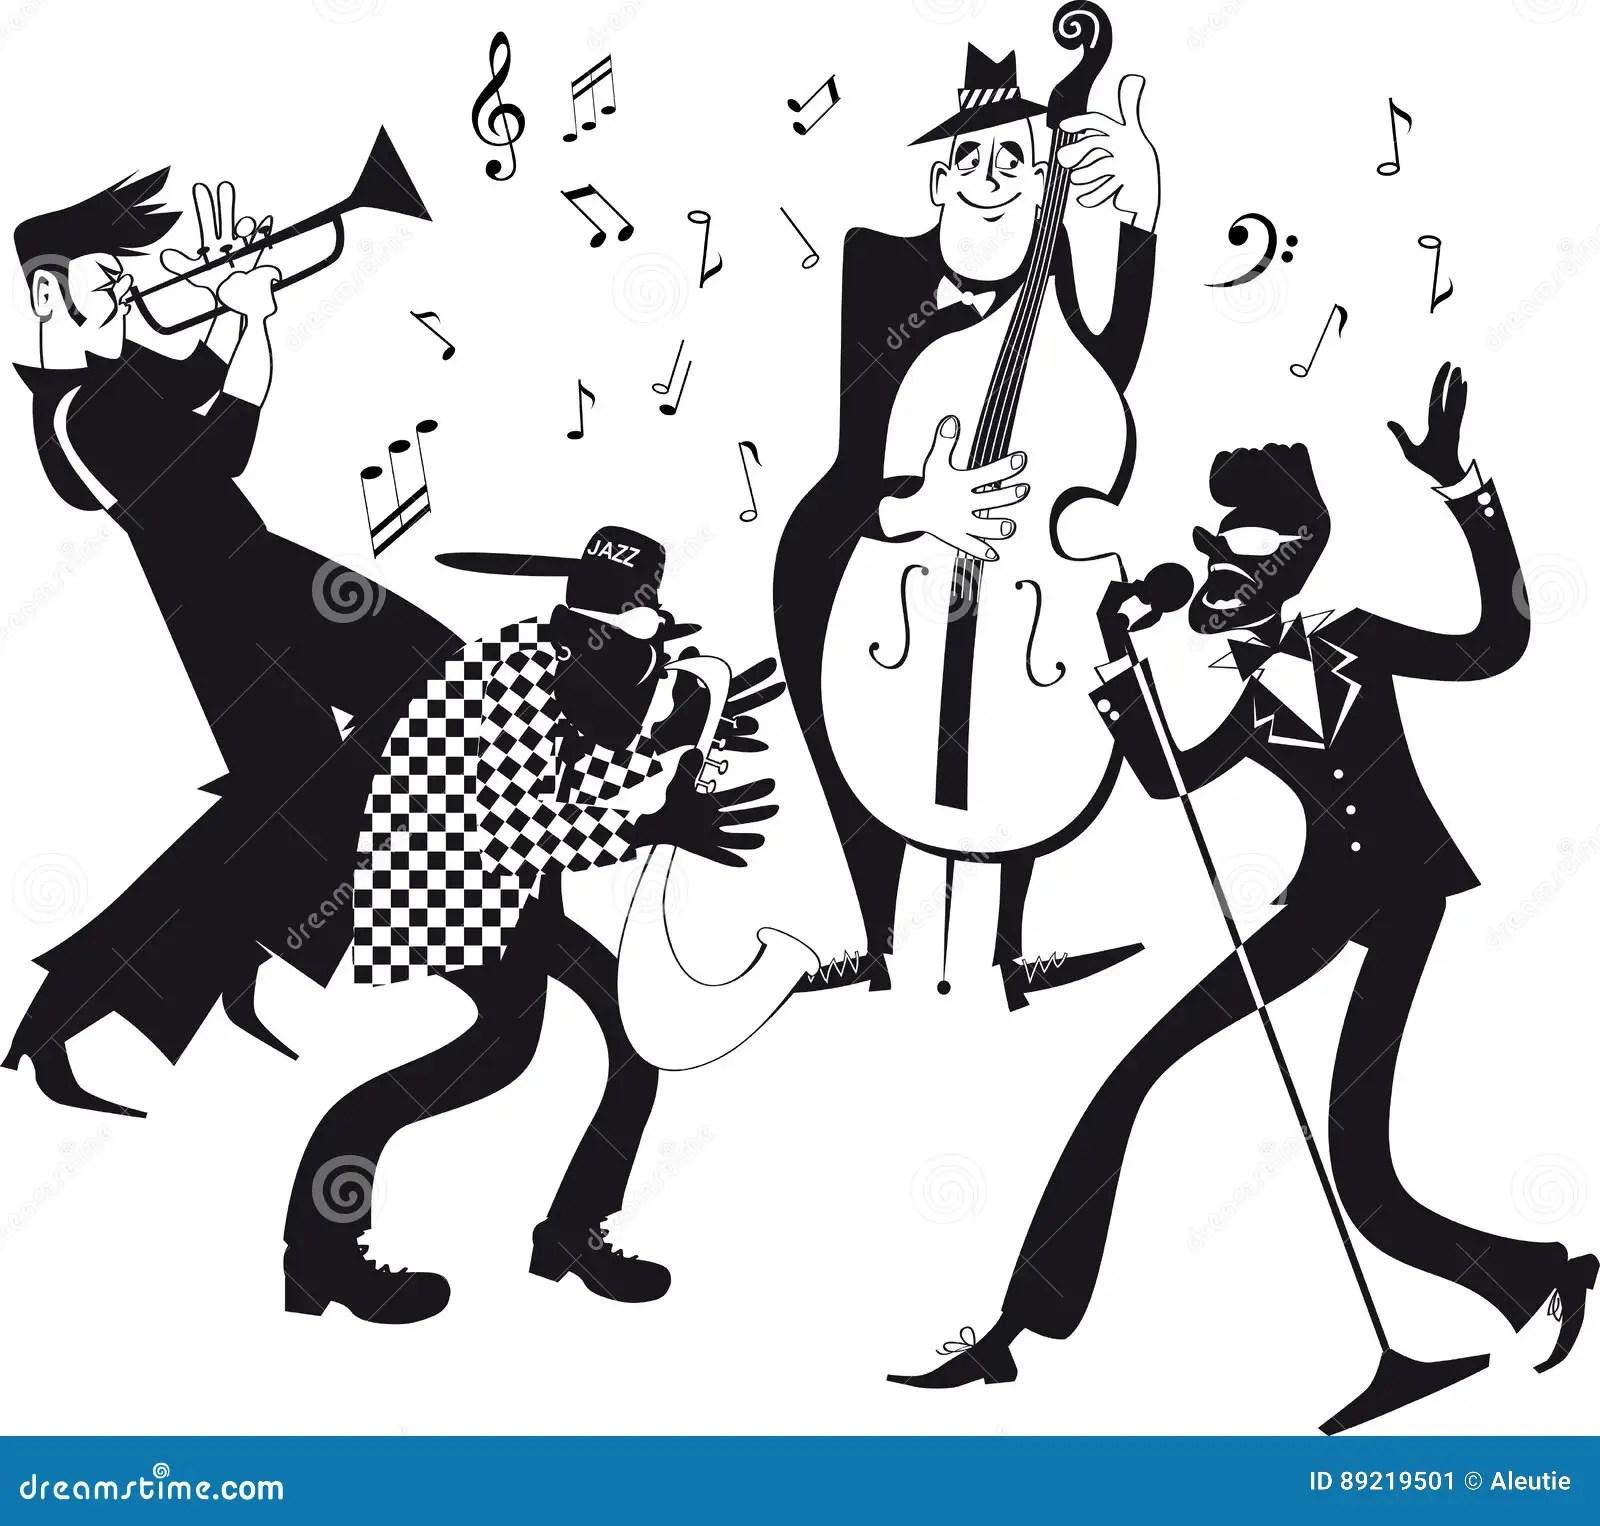 Performing Arts Vectors